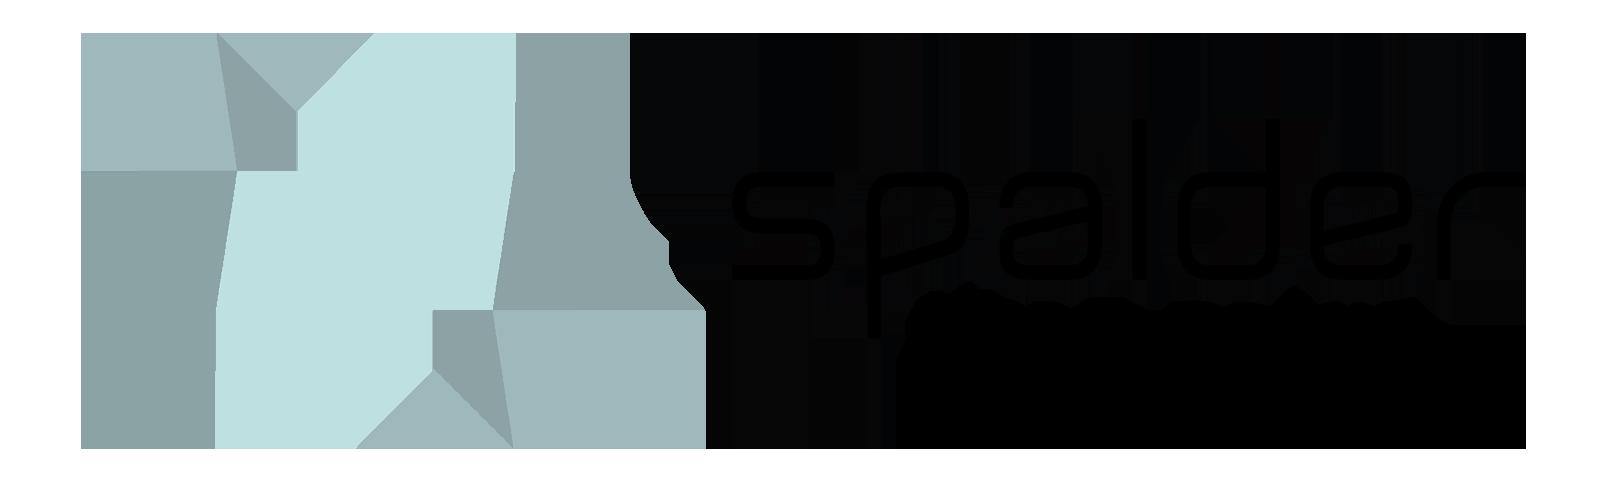 Spalder Media Group